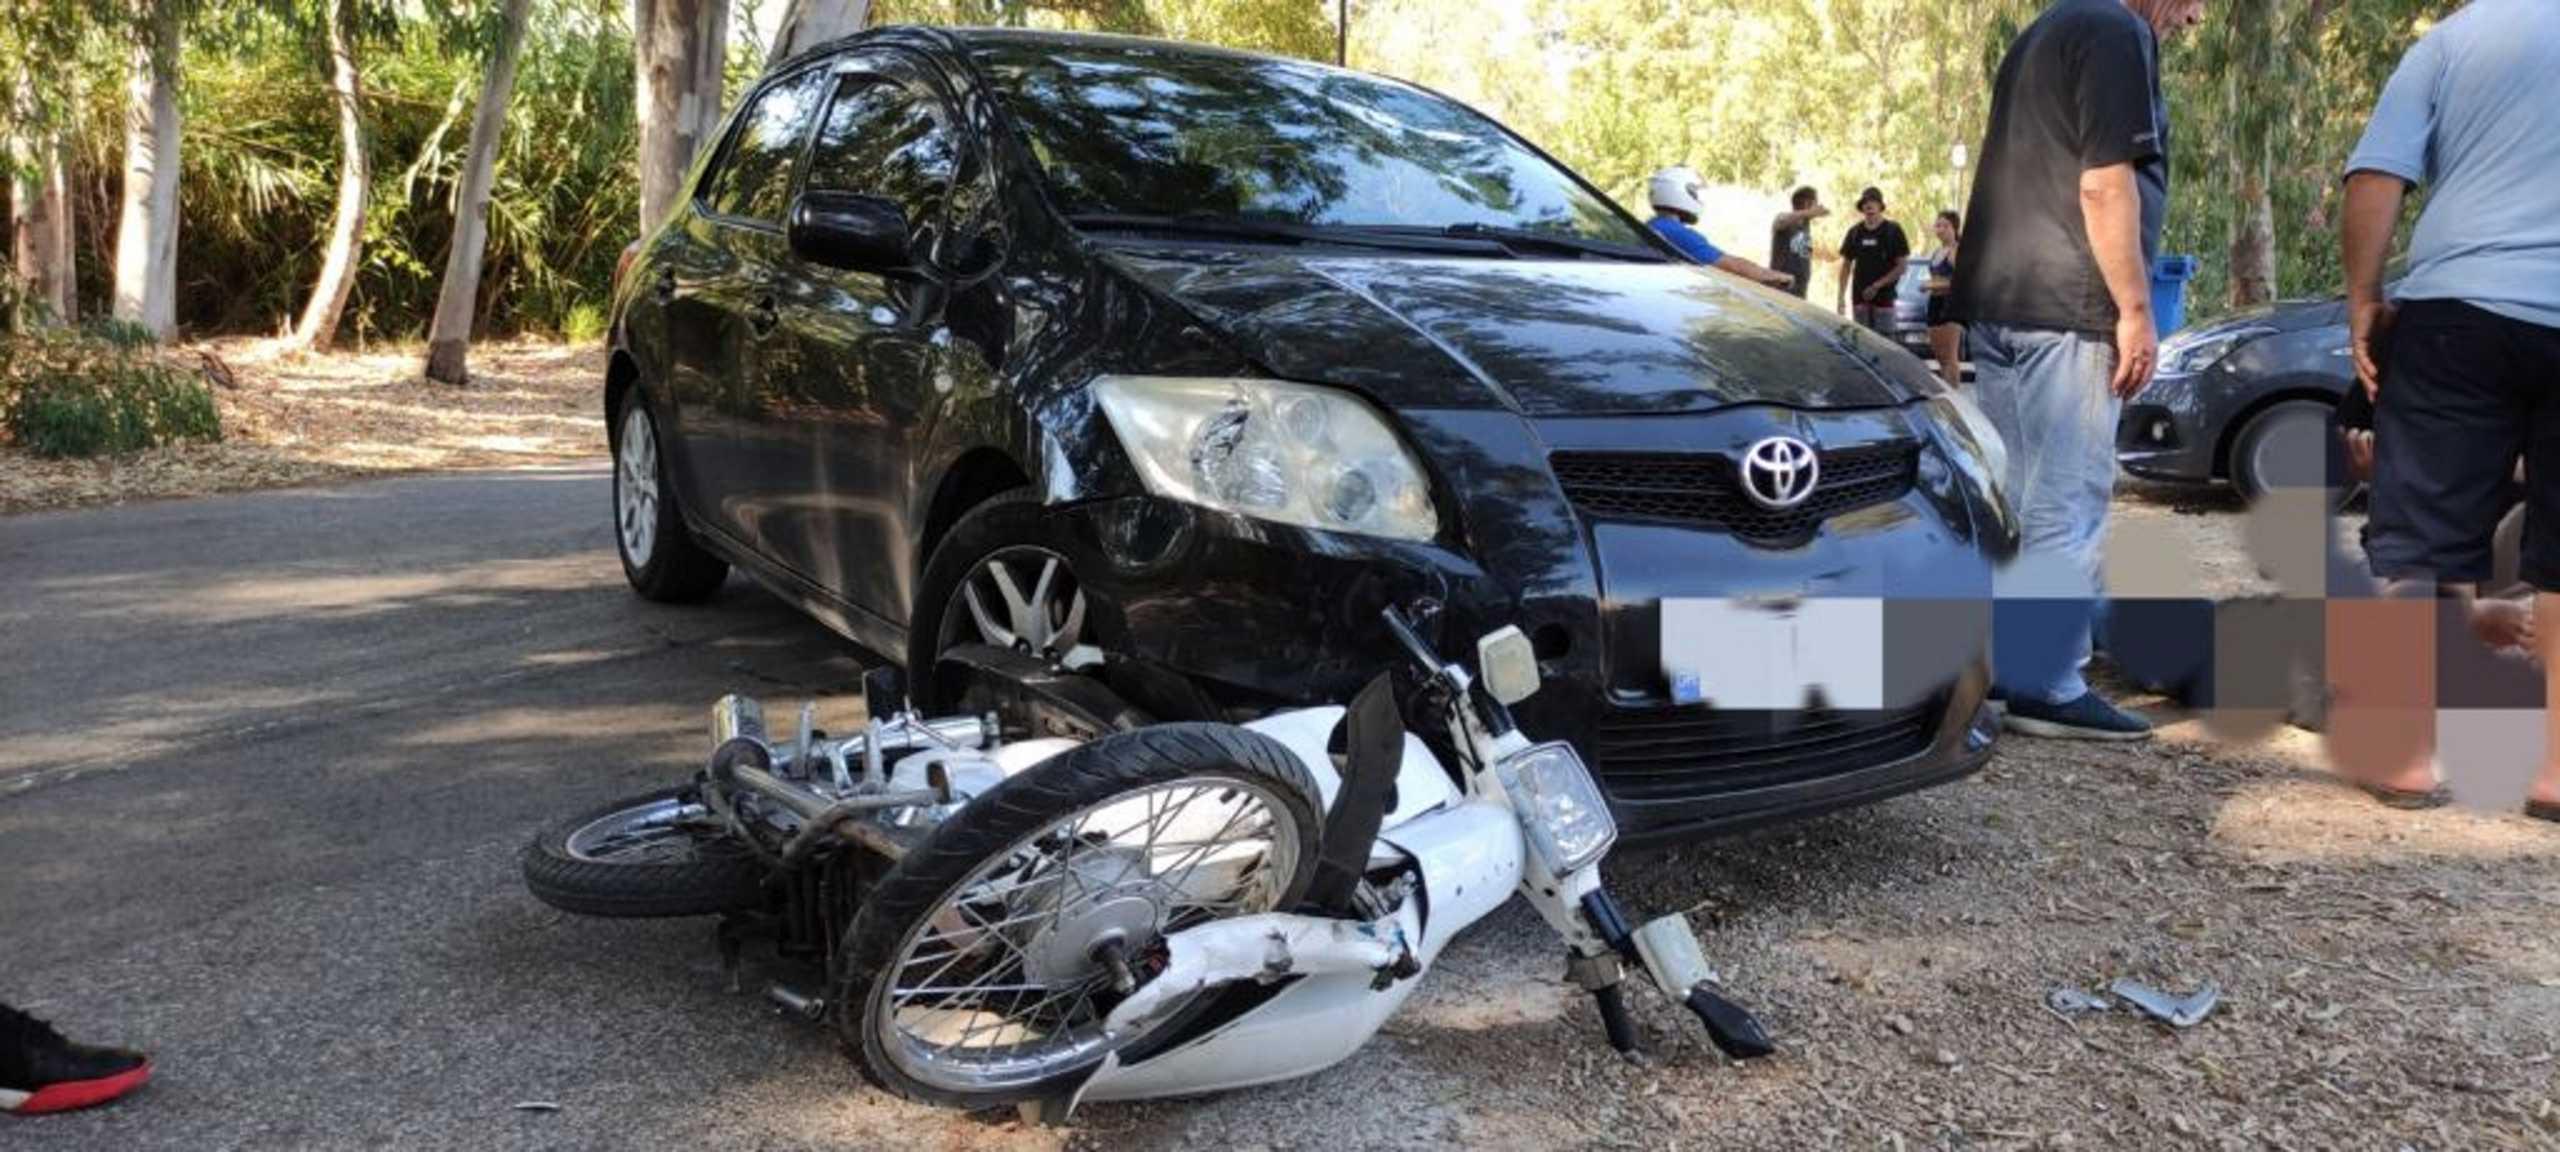 Πρέβεζα: Τροχαίο με τραυματισμό μοτοσικλετιστή